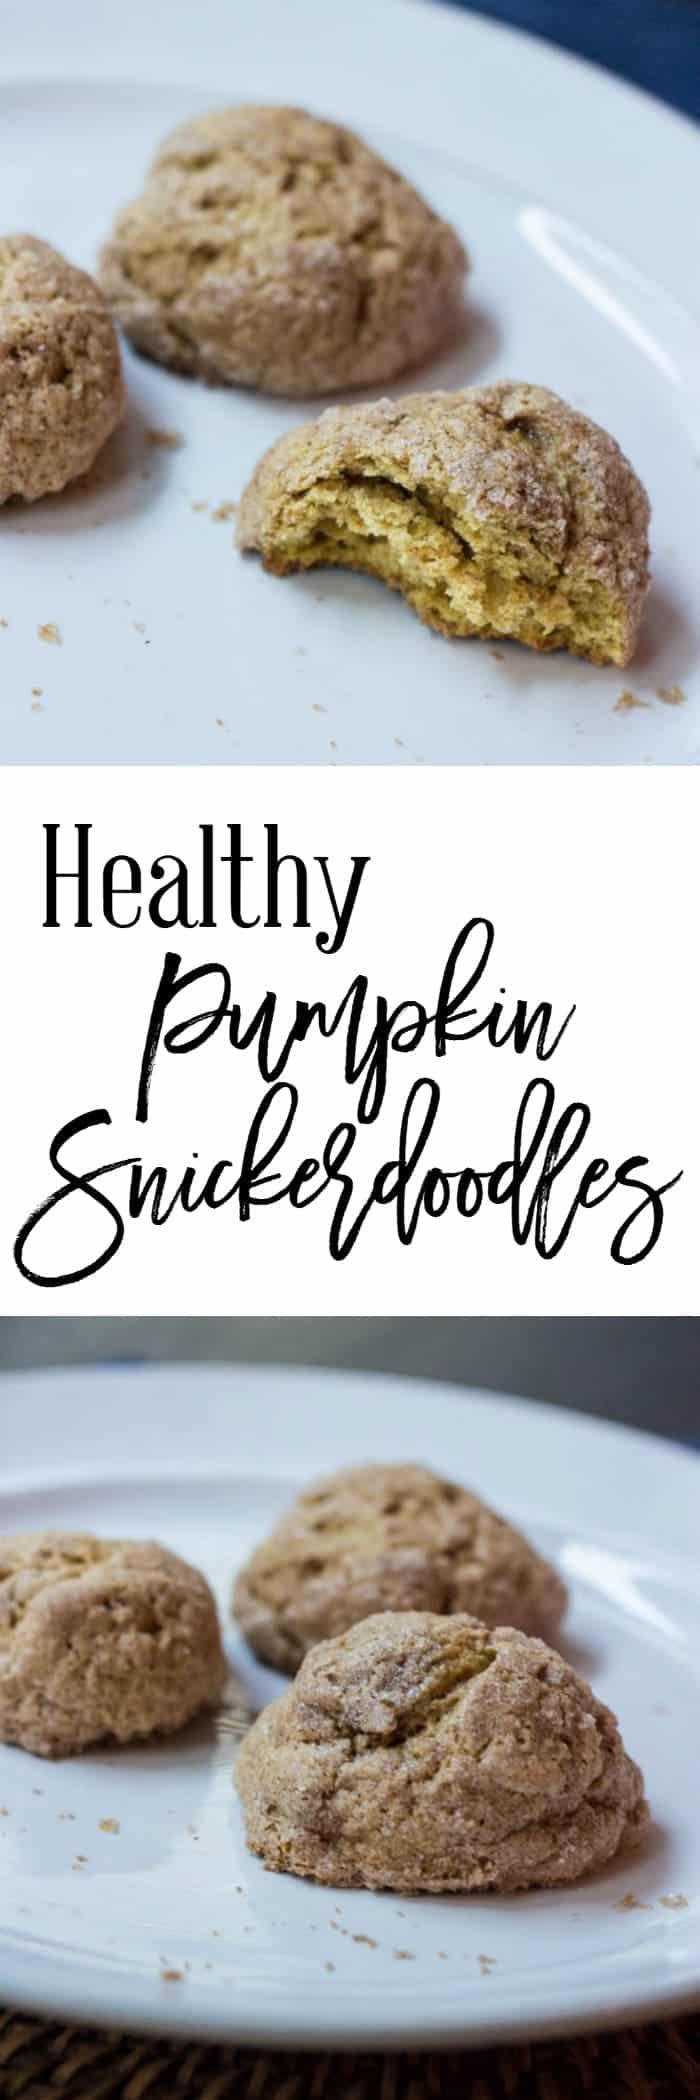 Healthy Pumpkin Snickerdoodles